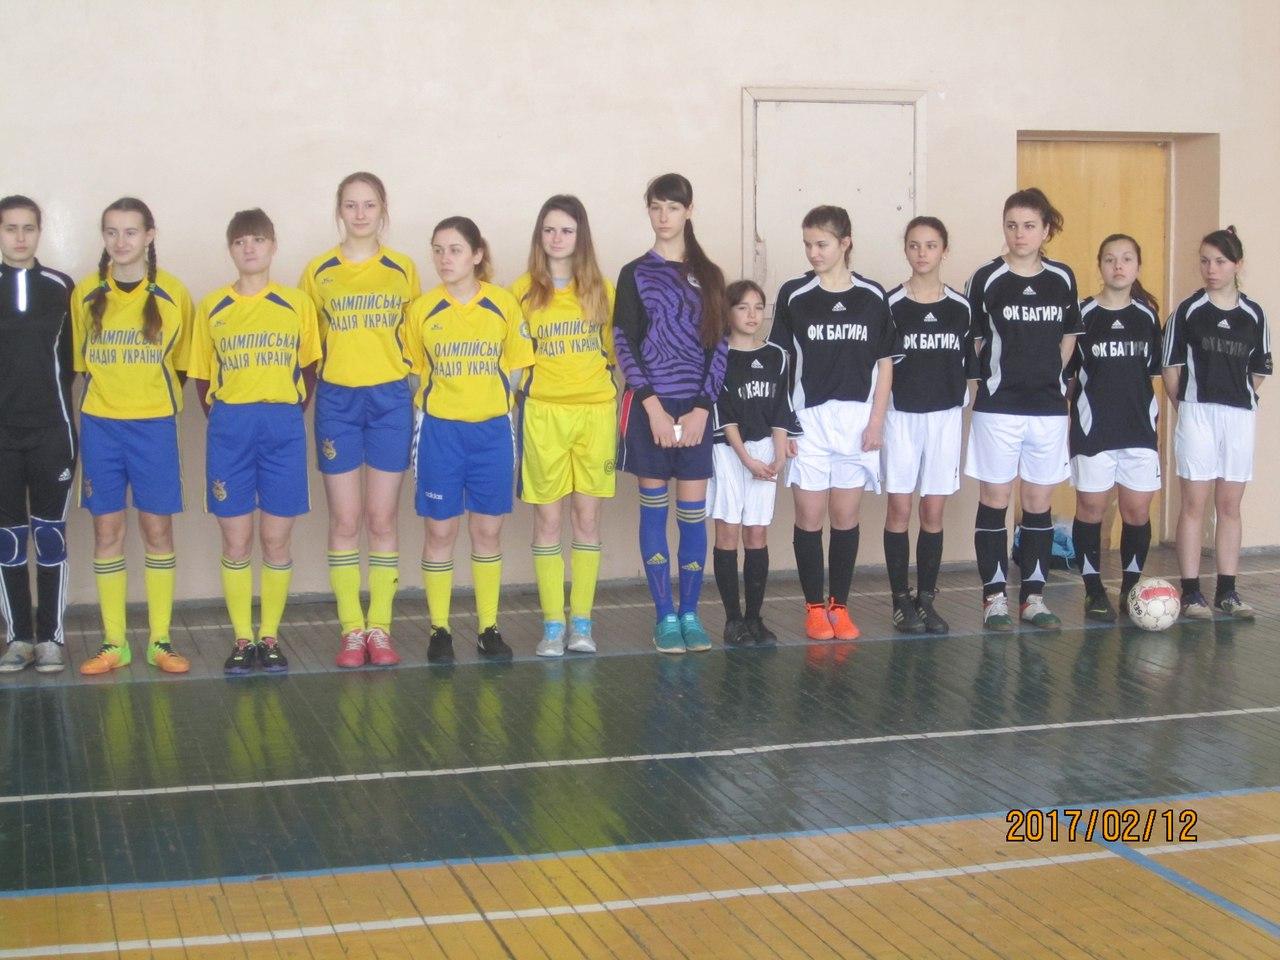 Второй тур пройдет 18 февраля в спортивном комплексе «Доломитчик» города Северска.